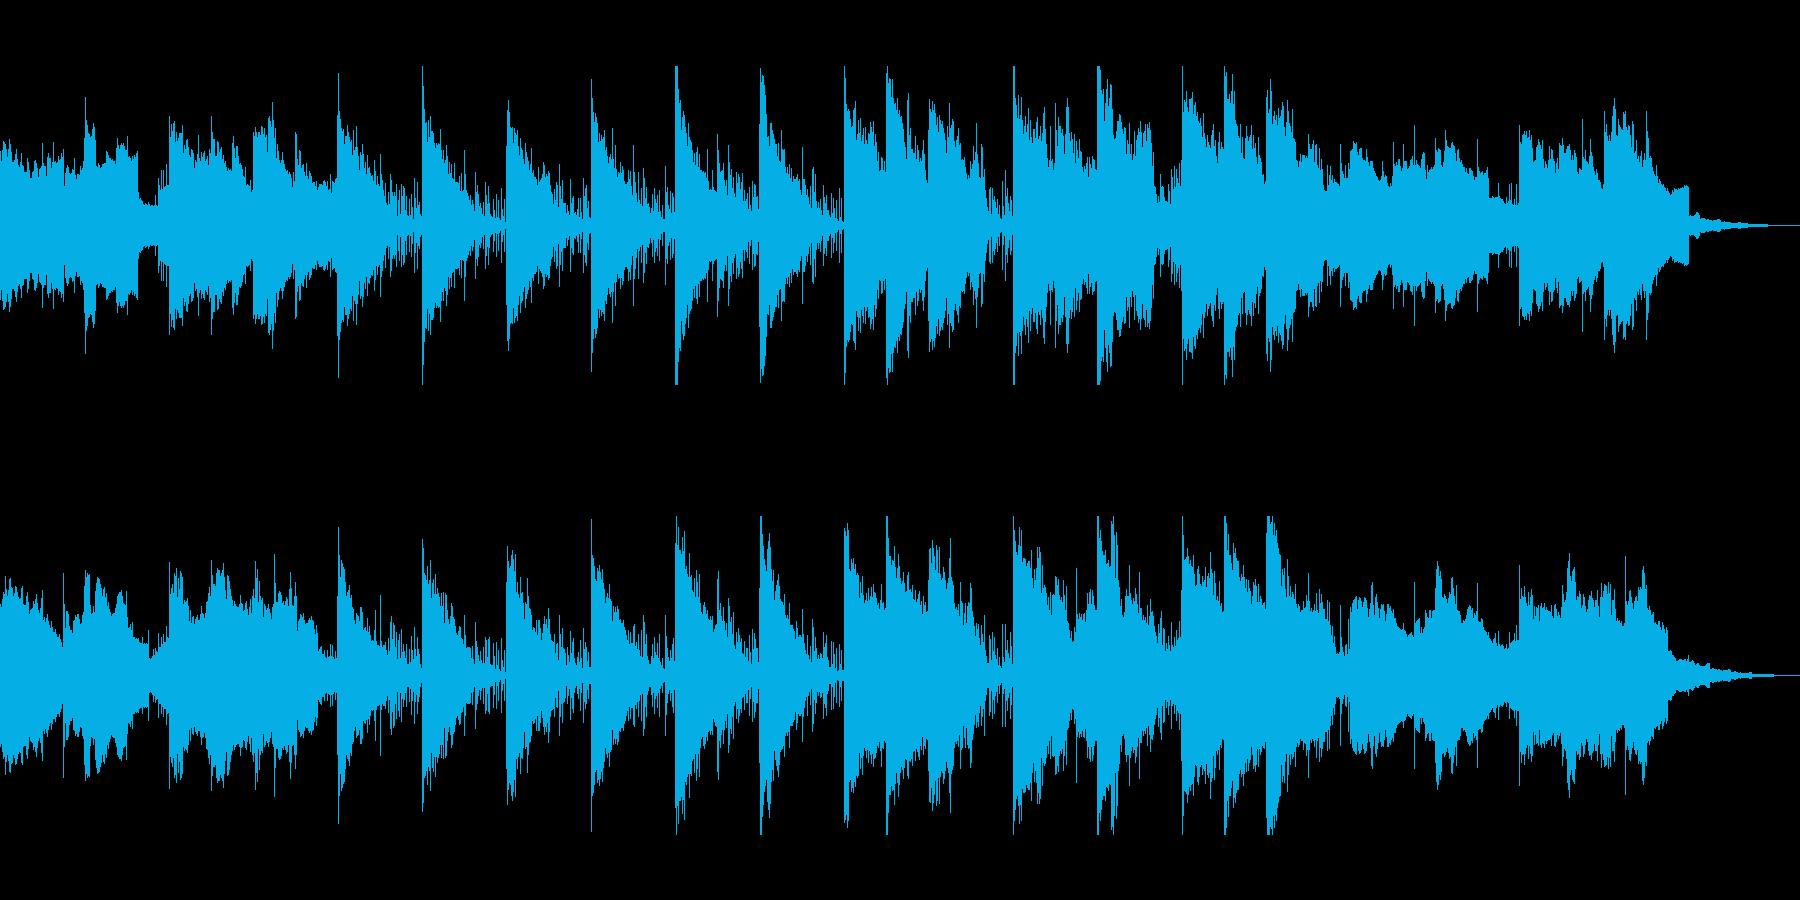 透明感のあるおしゃれなテクノ系シンセの再生済みの波形